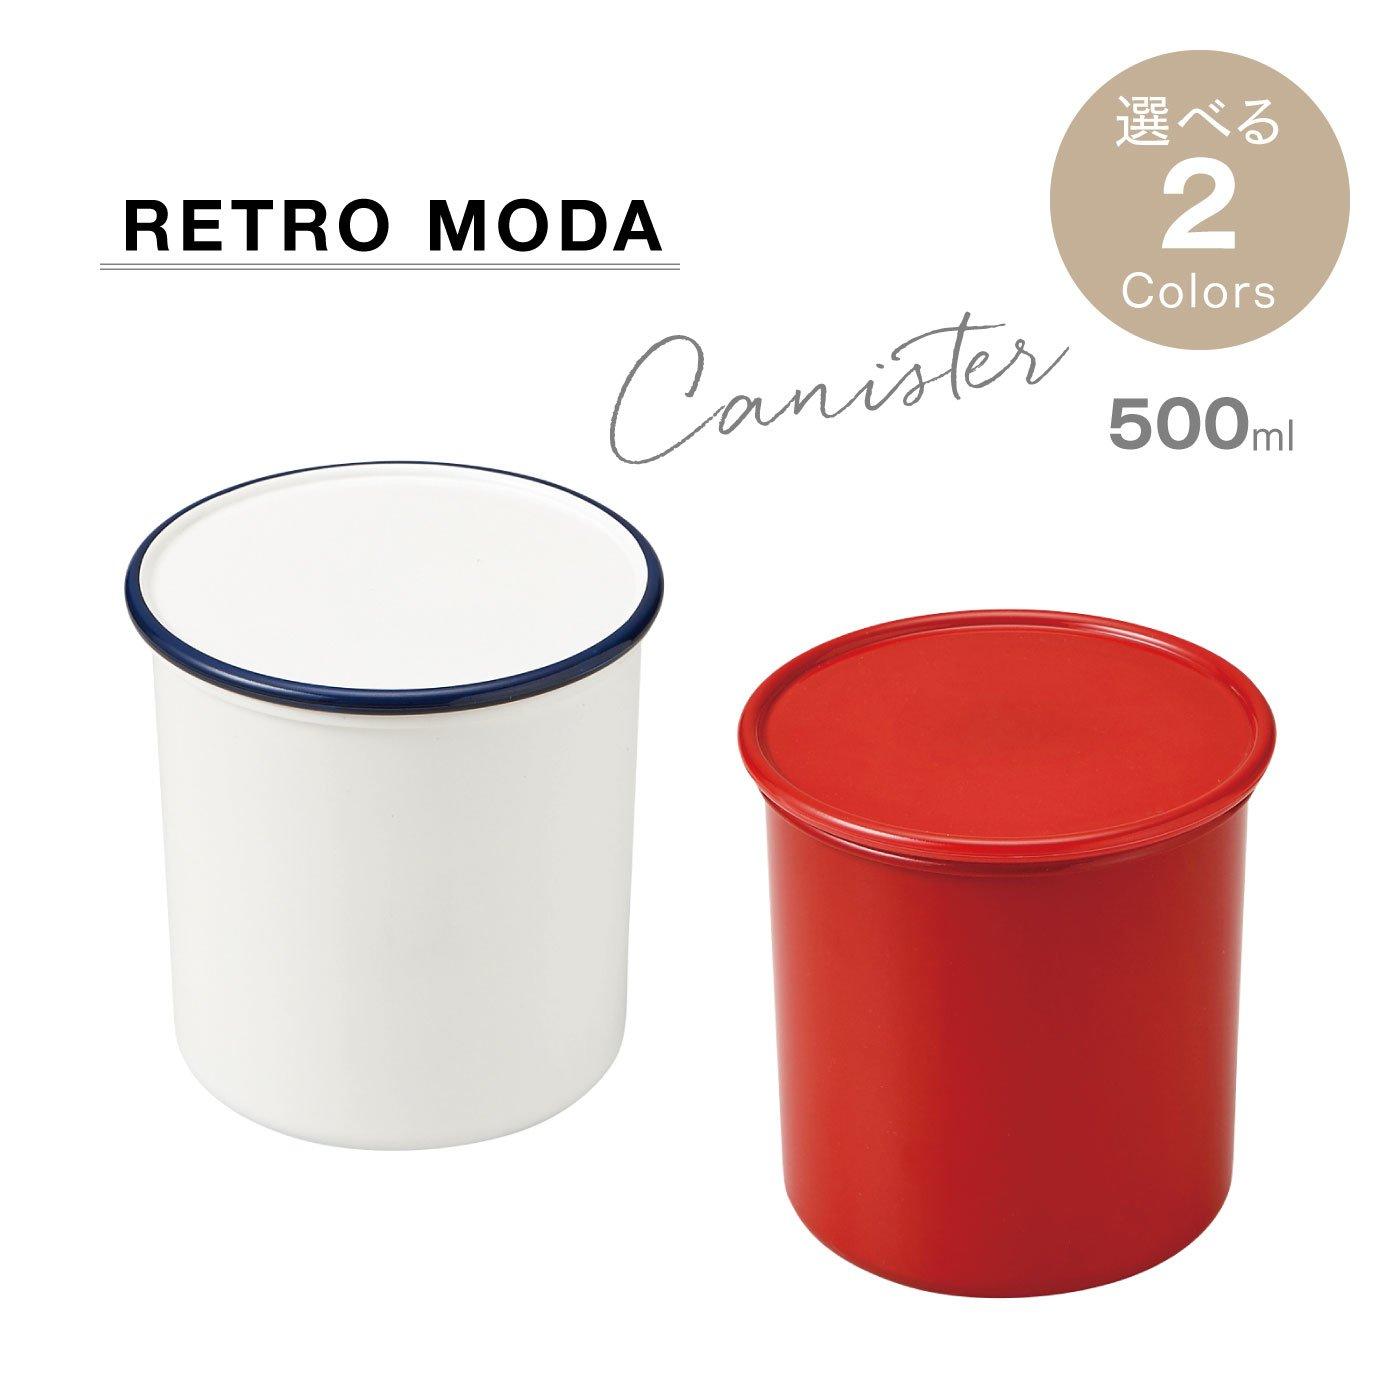 レトロモーダ キャニスター 500ml